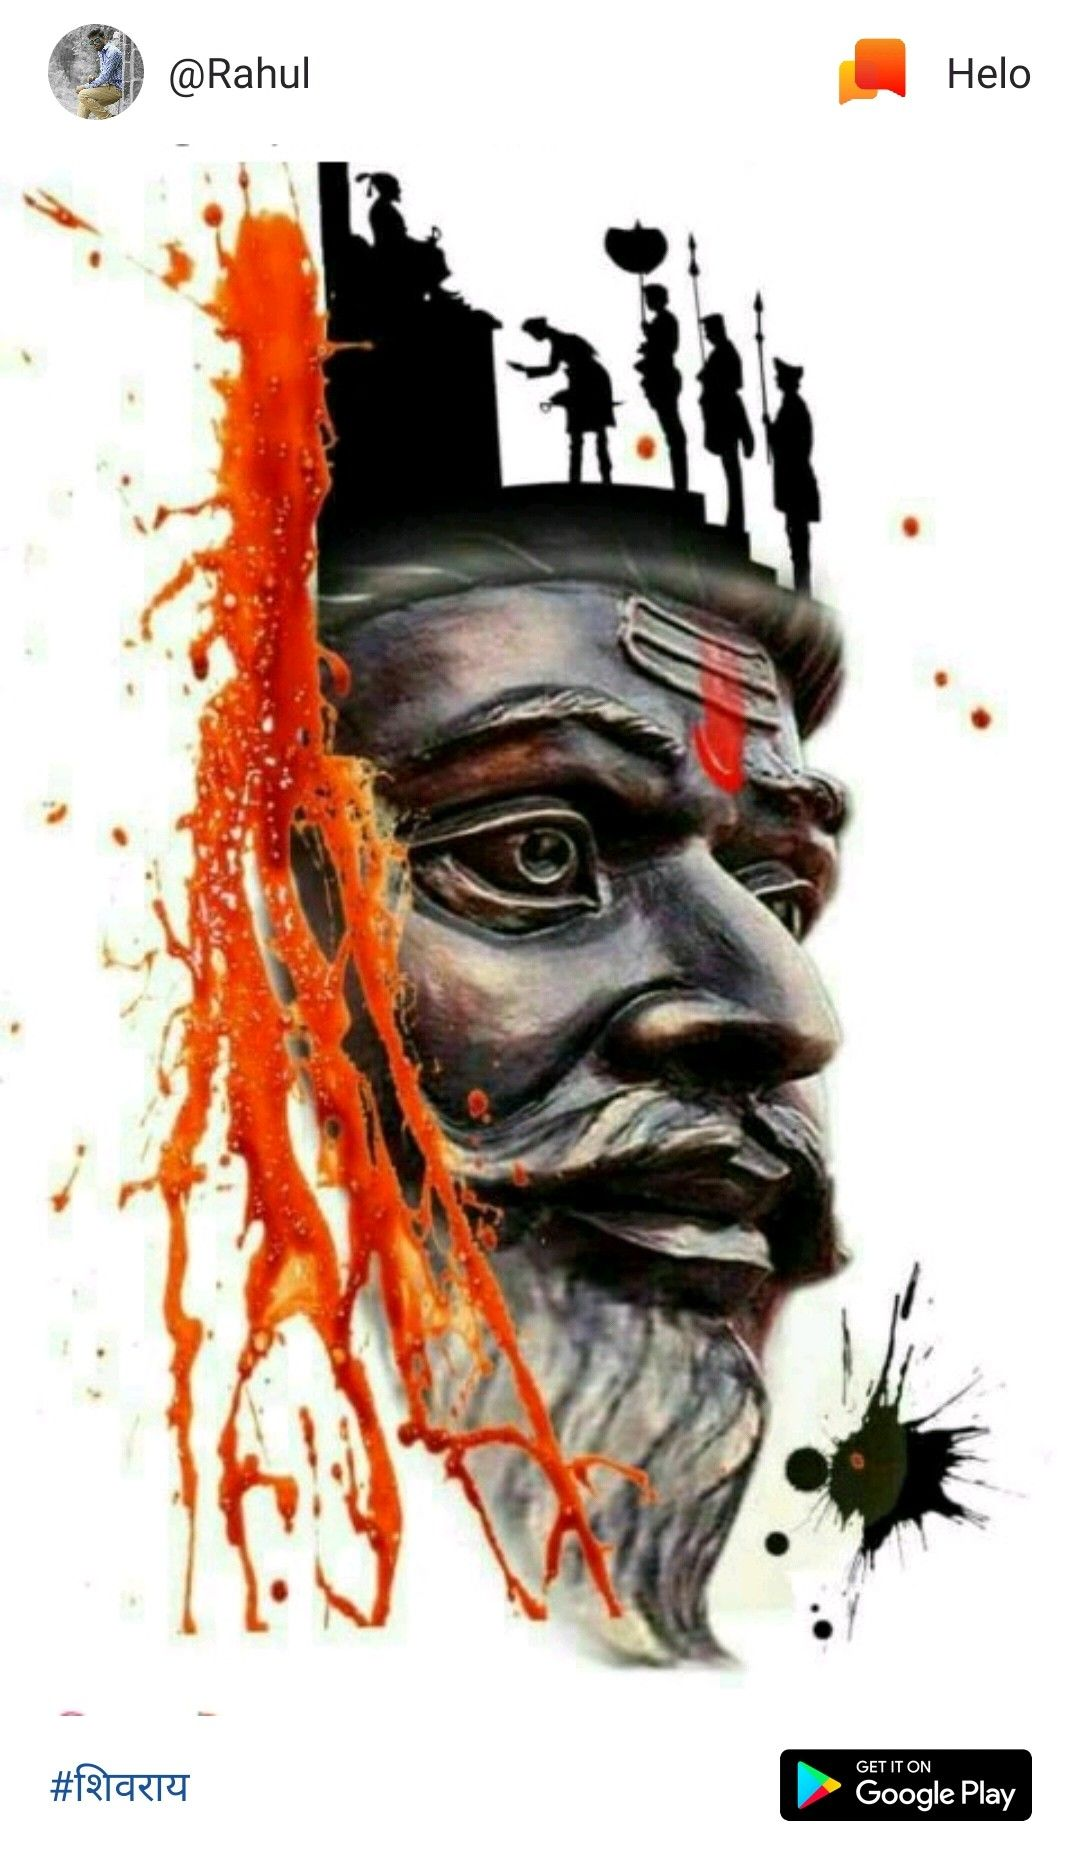 Shivaji Maharaj Quotes - Shivaji Maharaj Png Images Hd , HD Wallpaper & Backgrounds